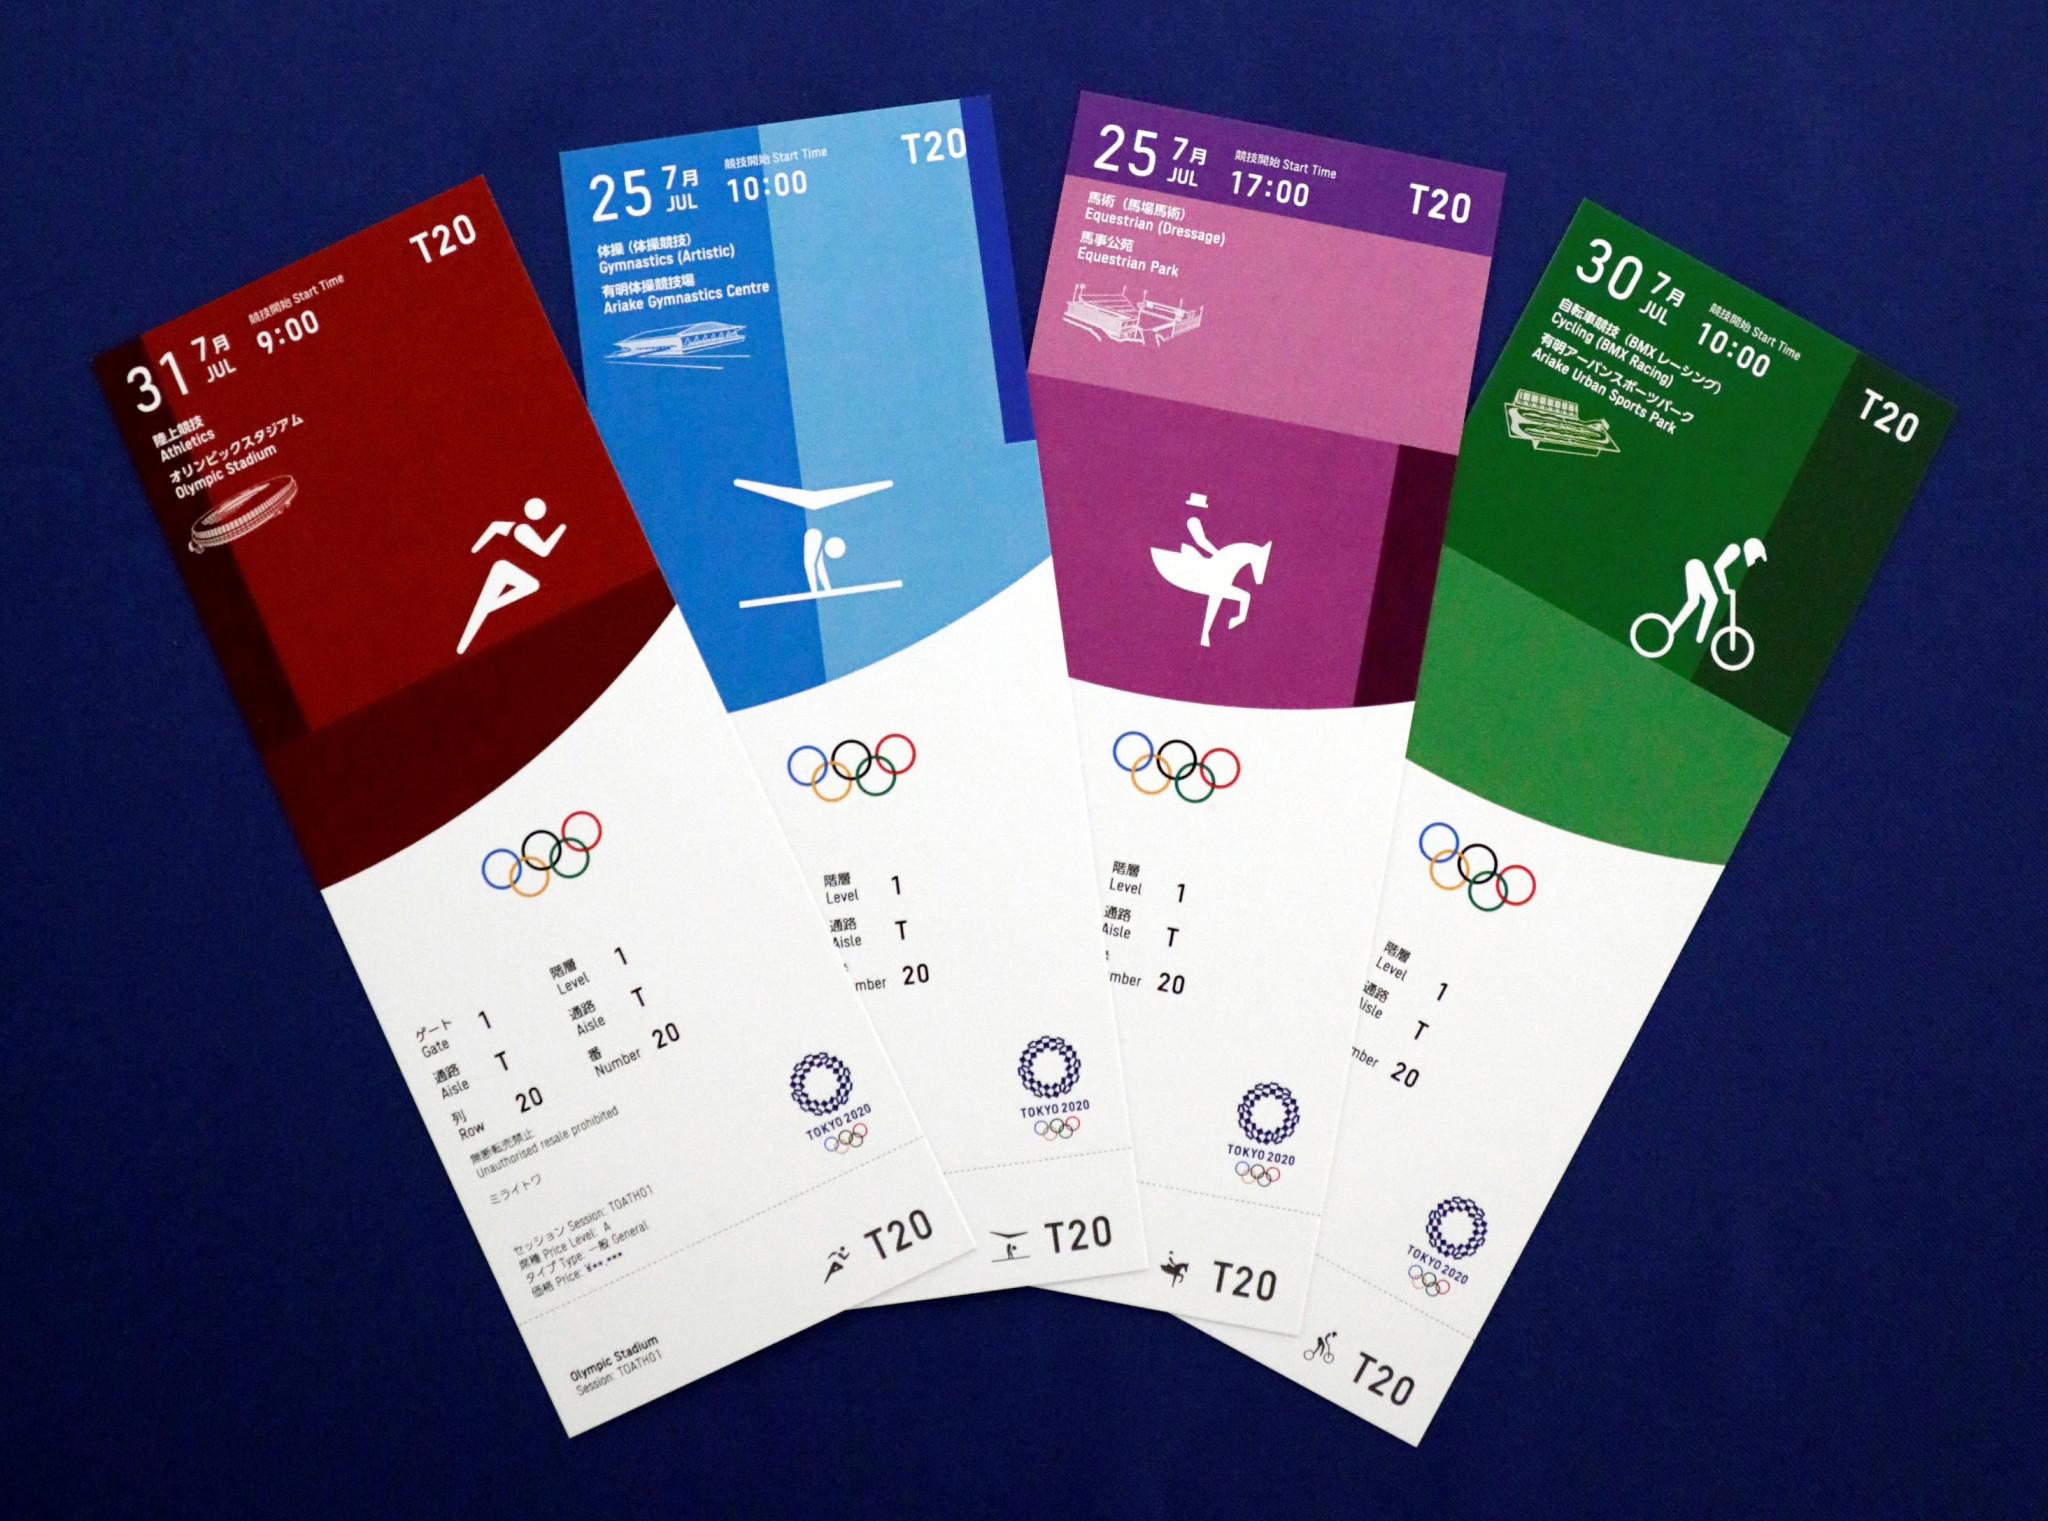 Tokyo 2020 unveil ticket designs